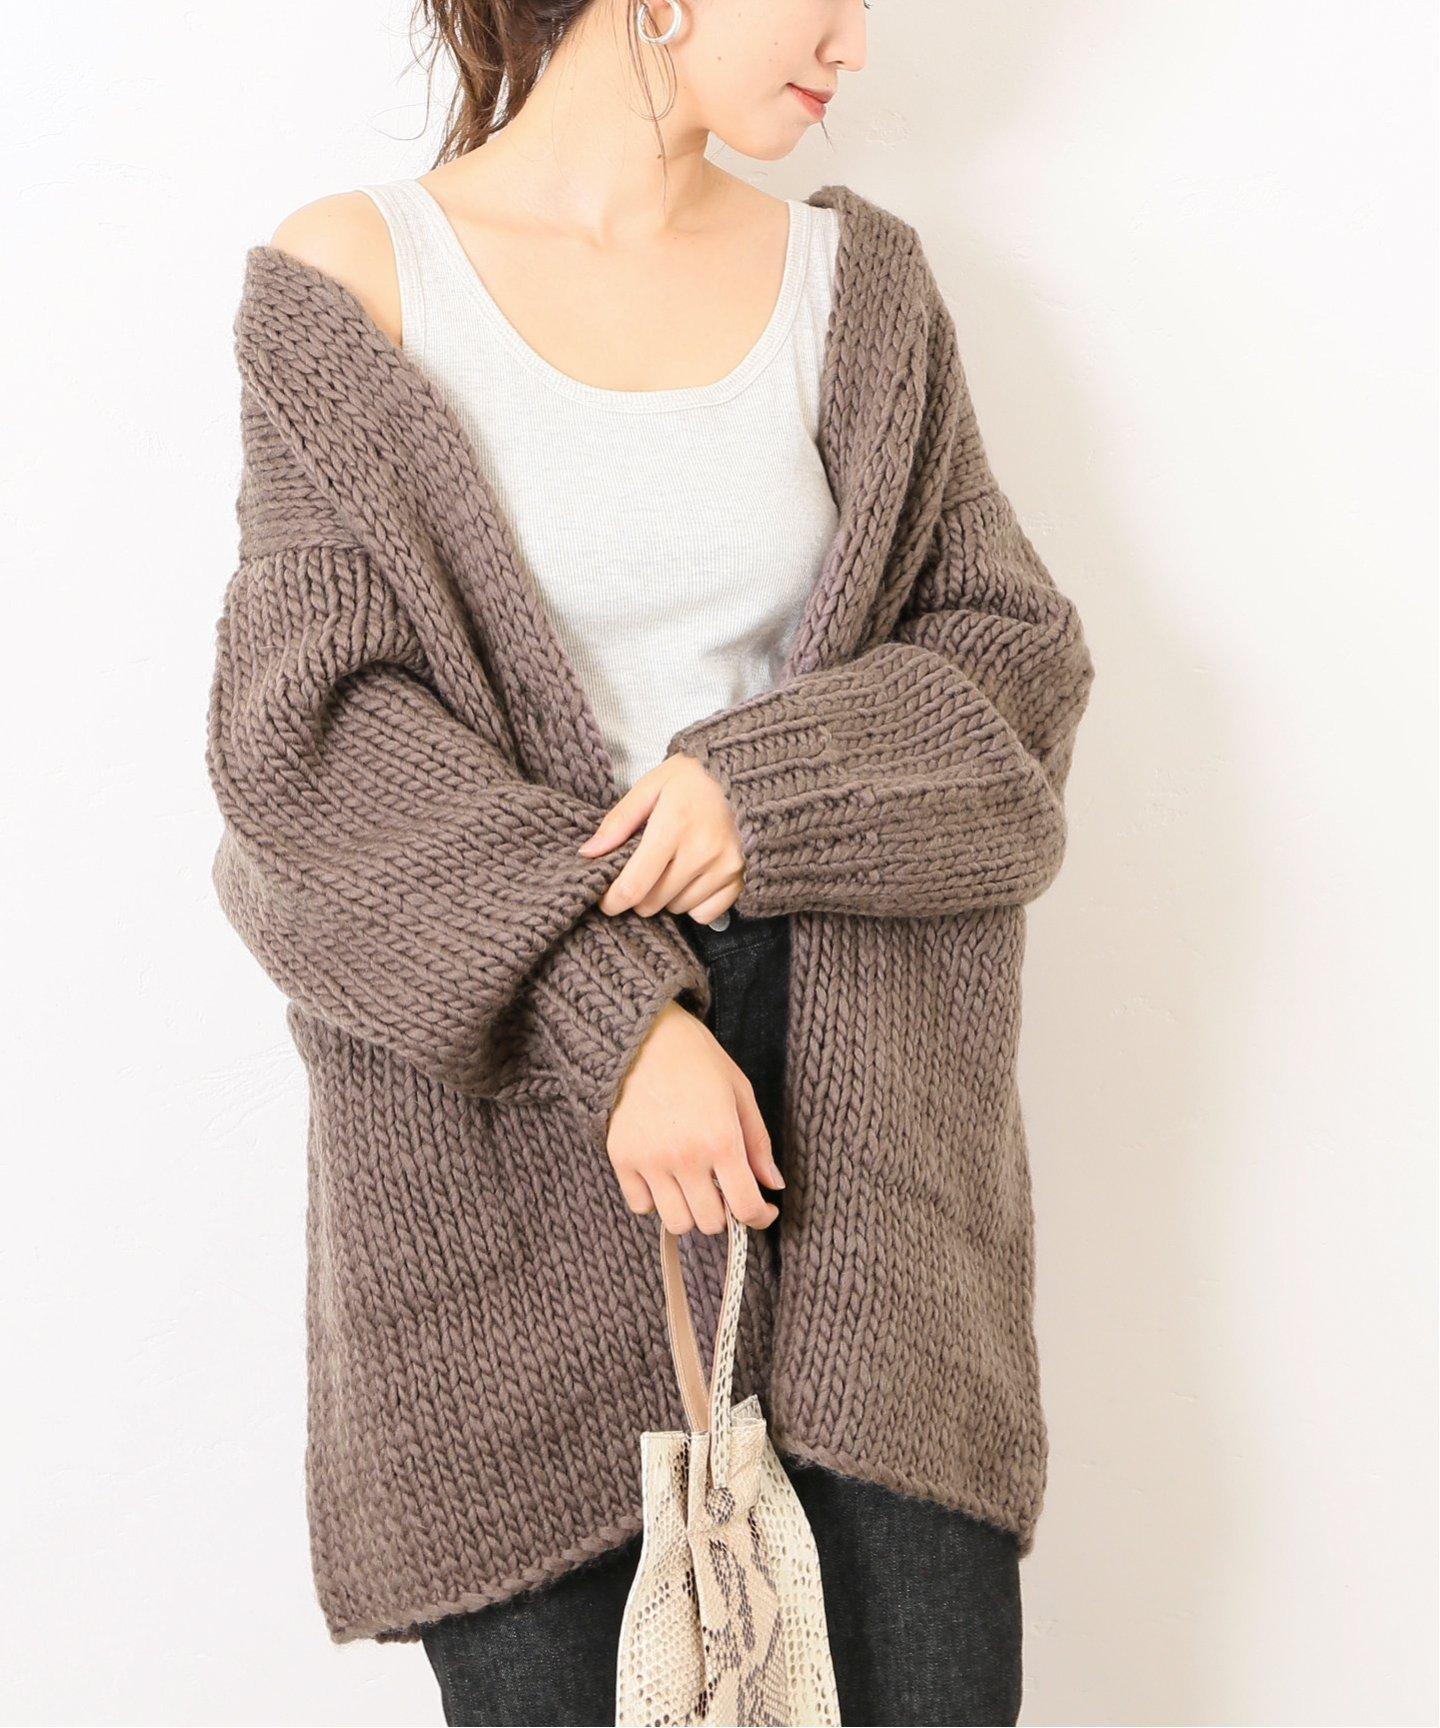 為了適應早晚微涼的天氣,秋天就是針織外套最頻繁被穿搭的季節